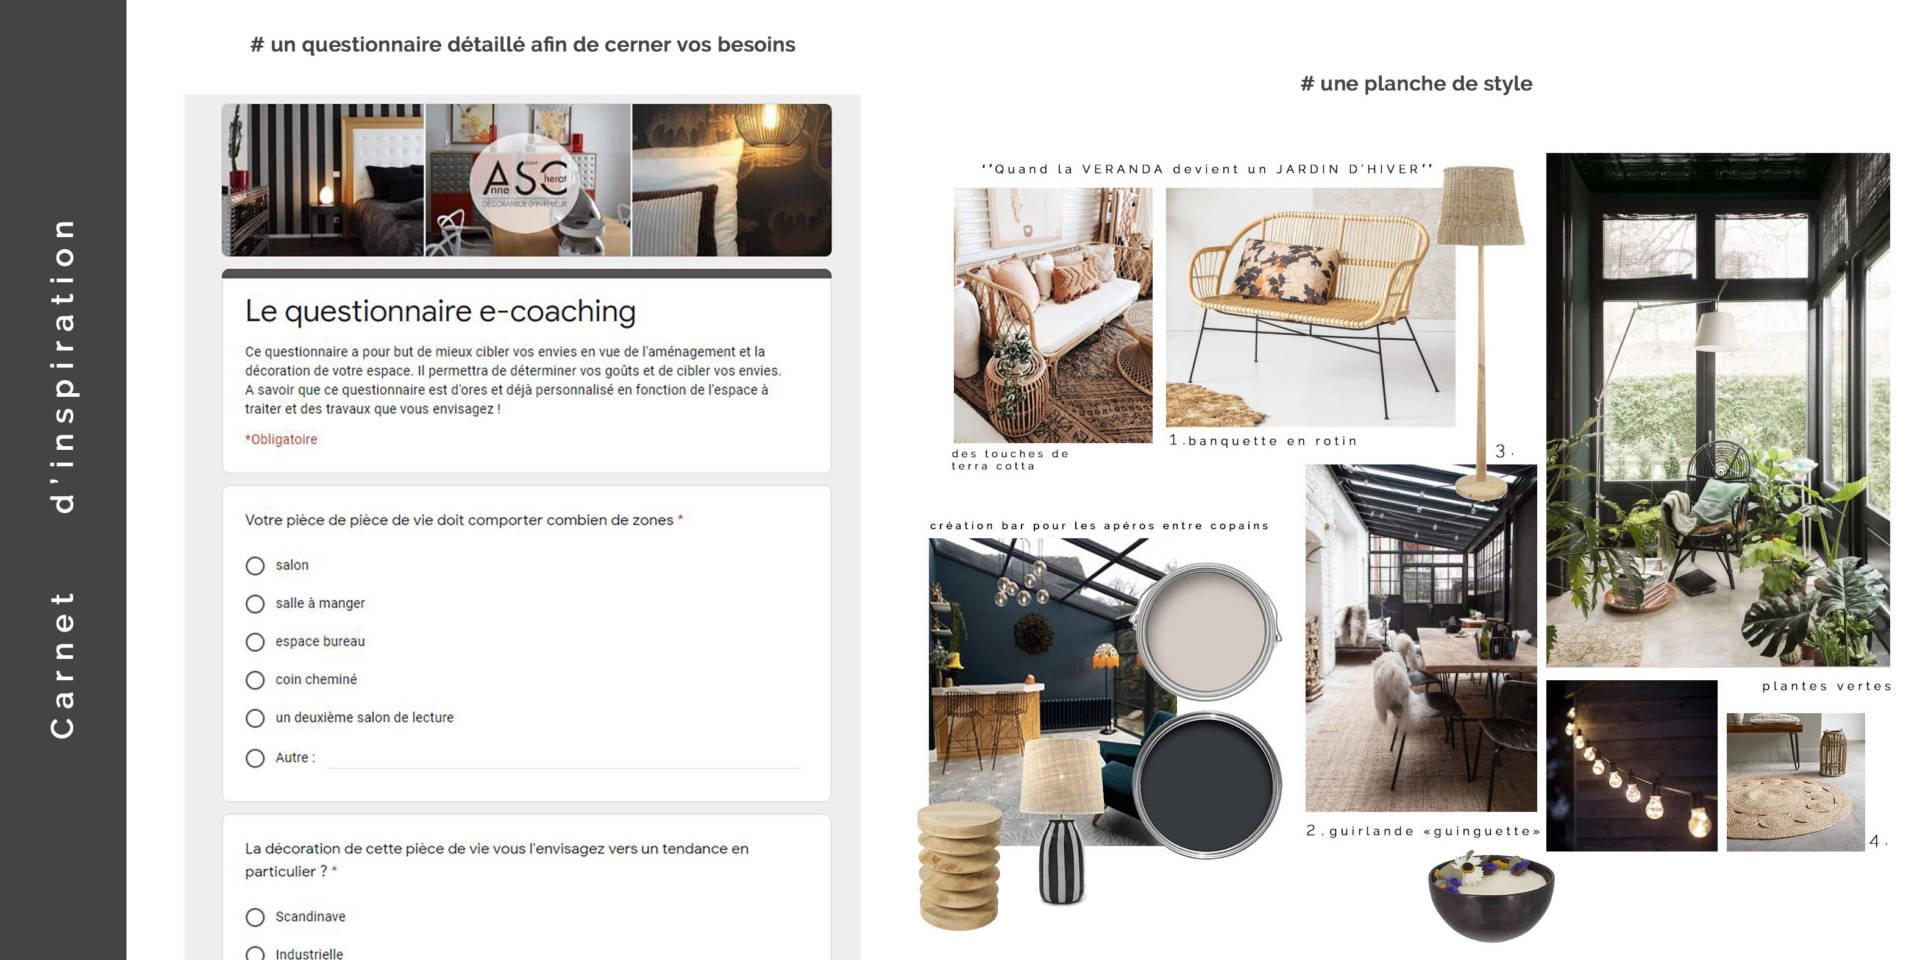 e-coaching deco par Anne Solenn Chérat, Décoratrice UFDI sur Lorient, Vannes, Pontivy